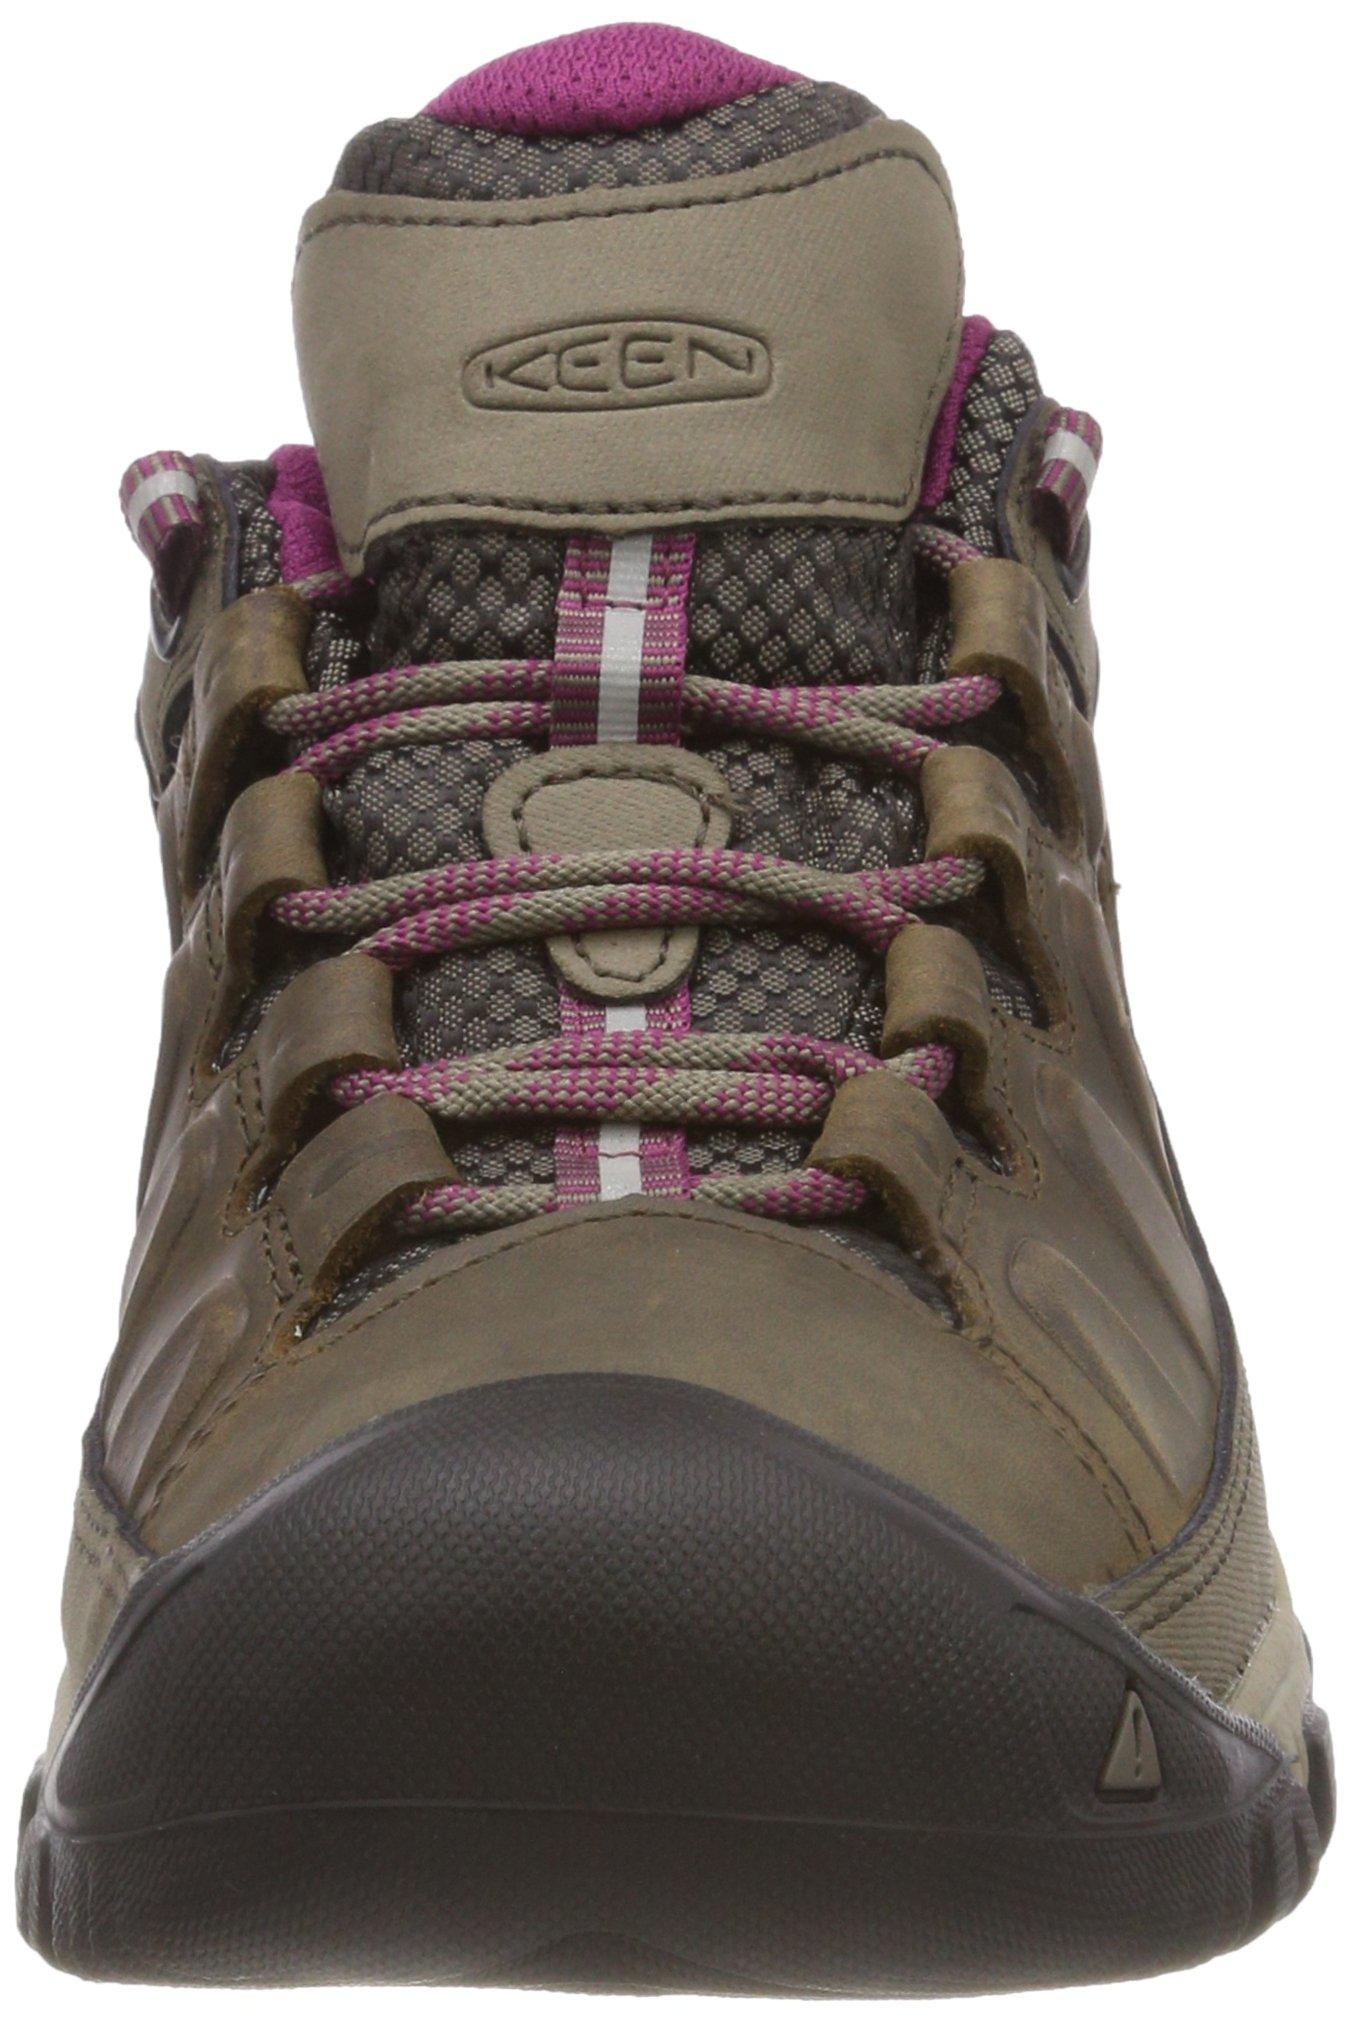 KEEN Women's Targhee Iii Wp Low Rise Hiking Shoes 4